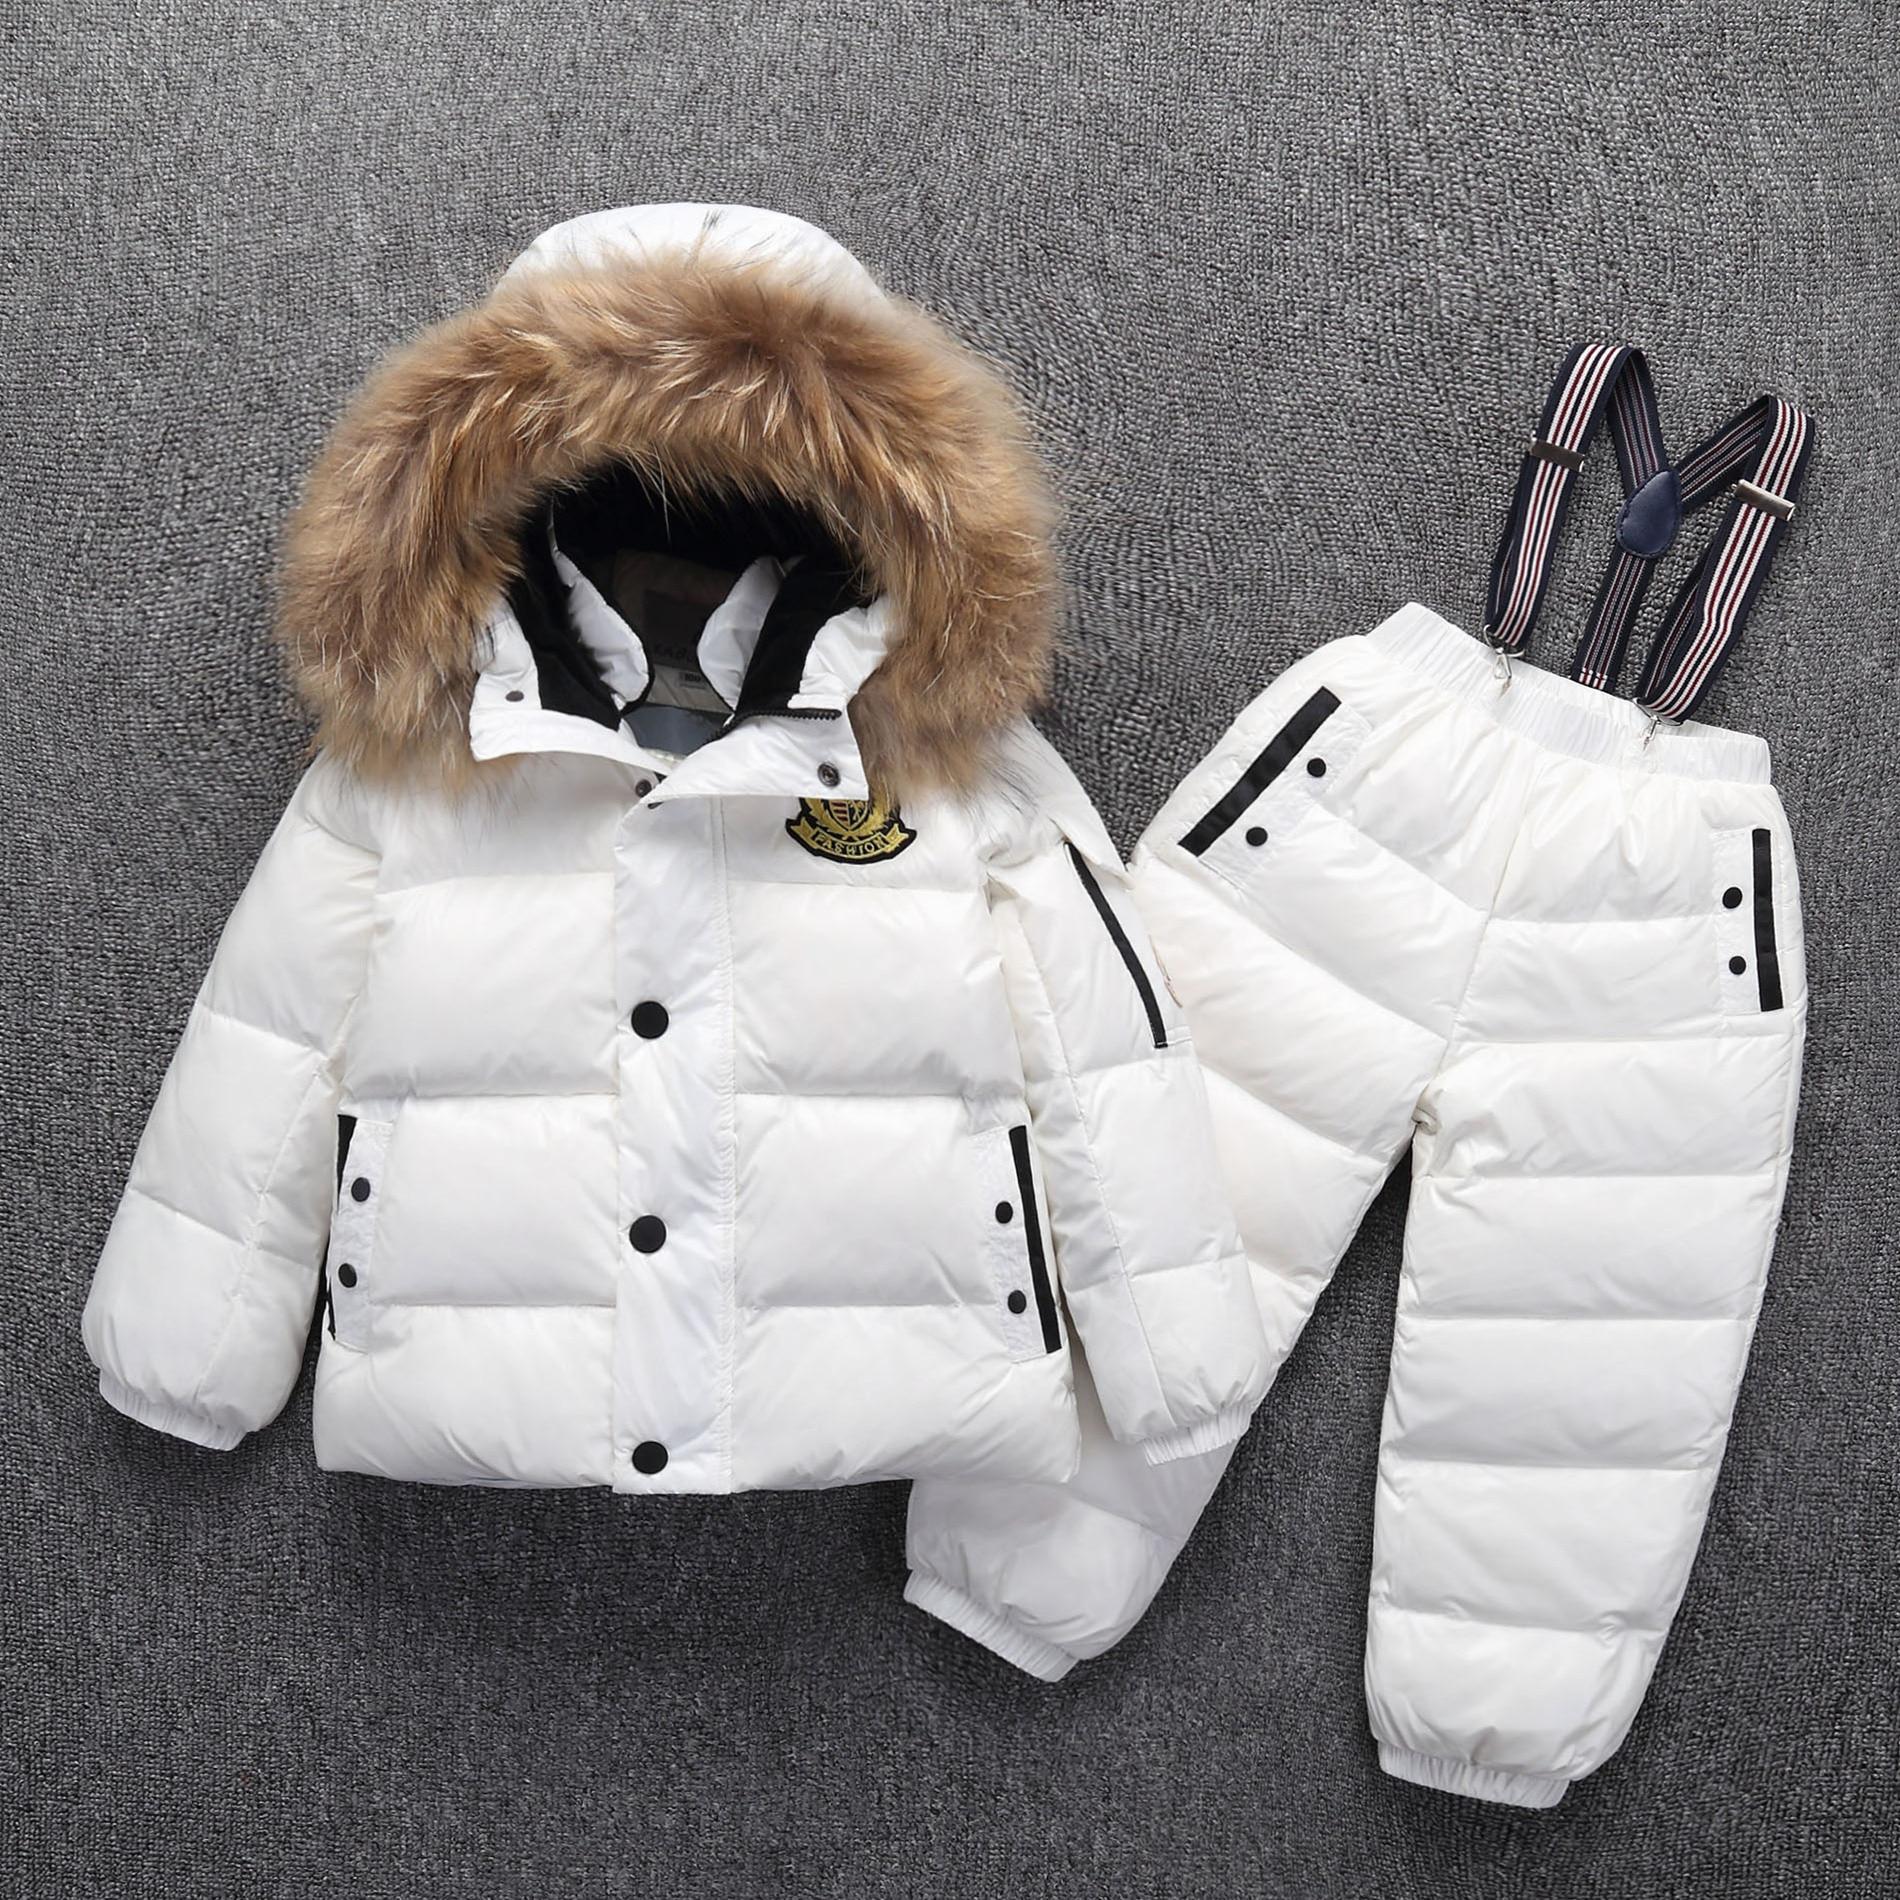 -30 degrés russe chaud enfants hiver costumes garçons fille canard doudoune + pantalon vêtements ensembles enfants vêtements neige porter Top qualité